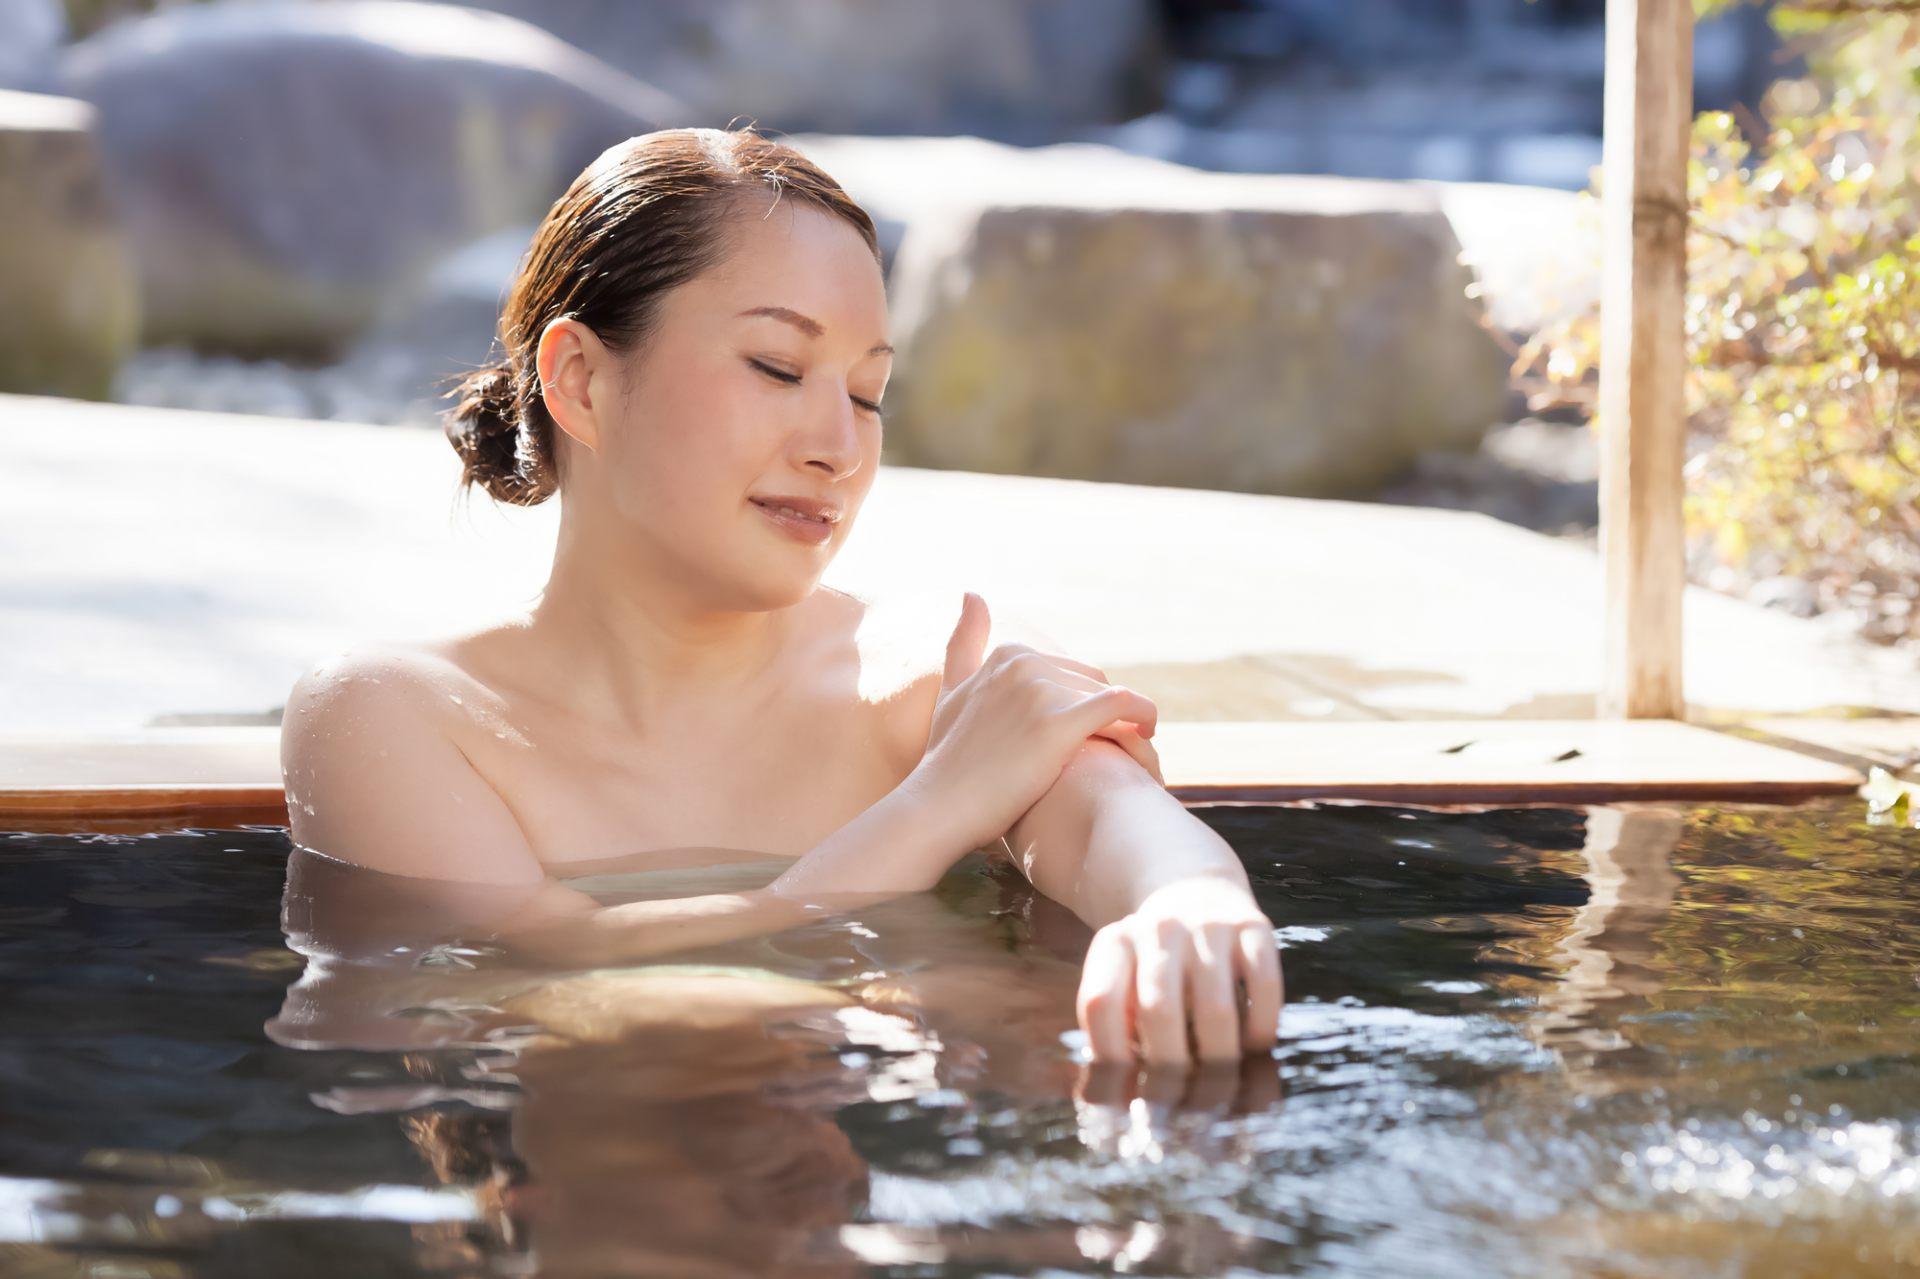 泡温泉不但消除了疲劳,皮肤也变得光滑了♪